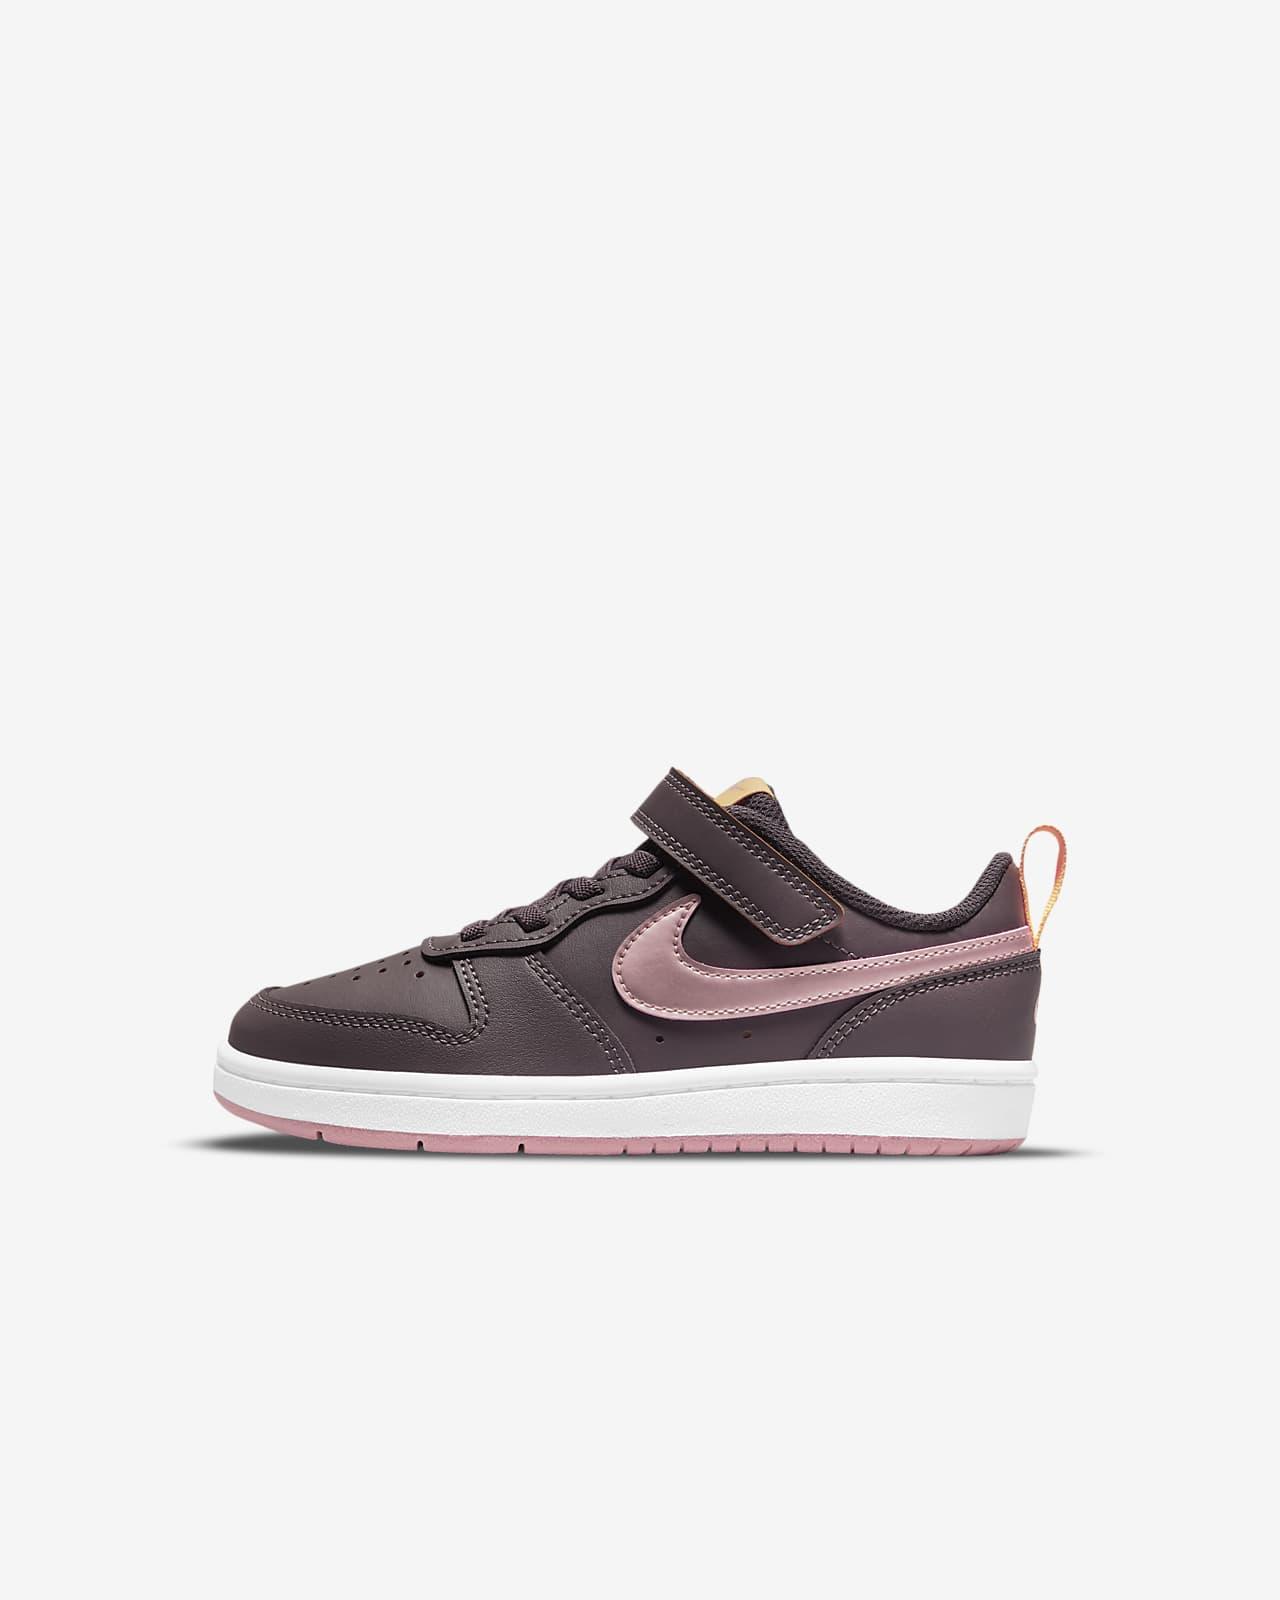 Nike Court Borough Low 2 Little Kids' Shoes